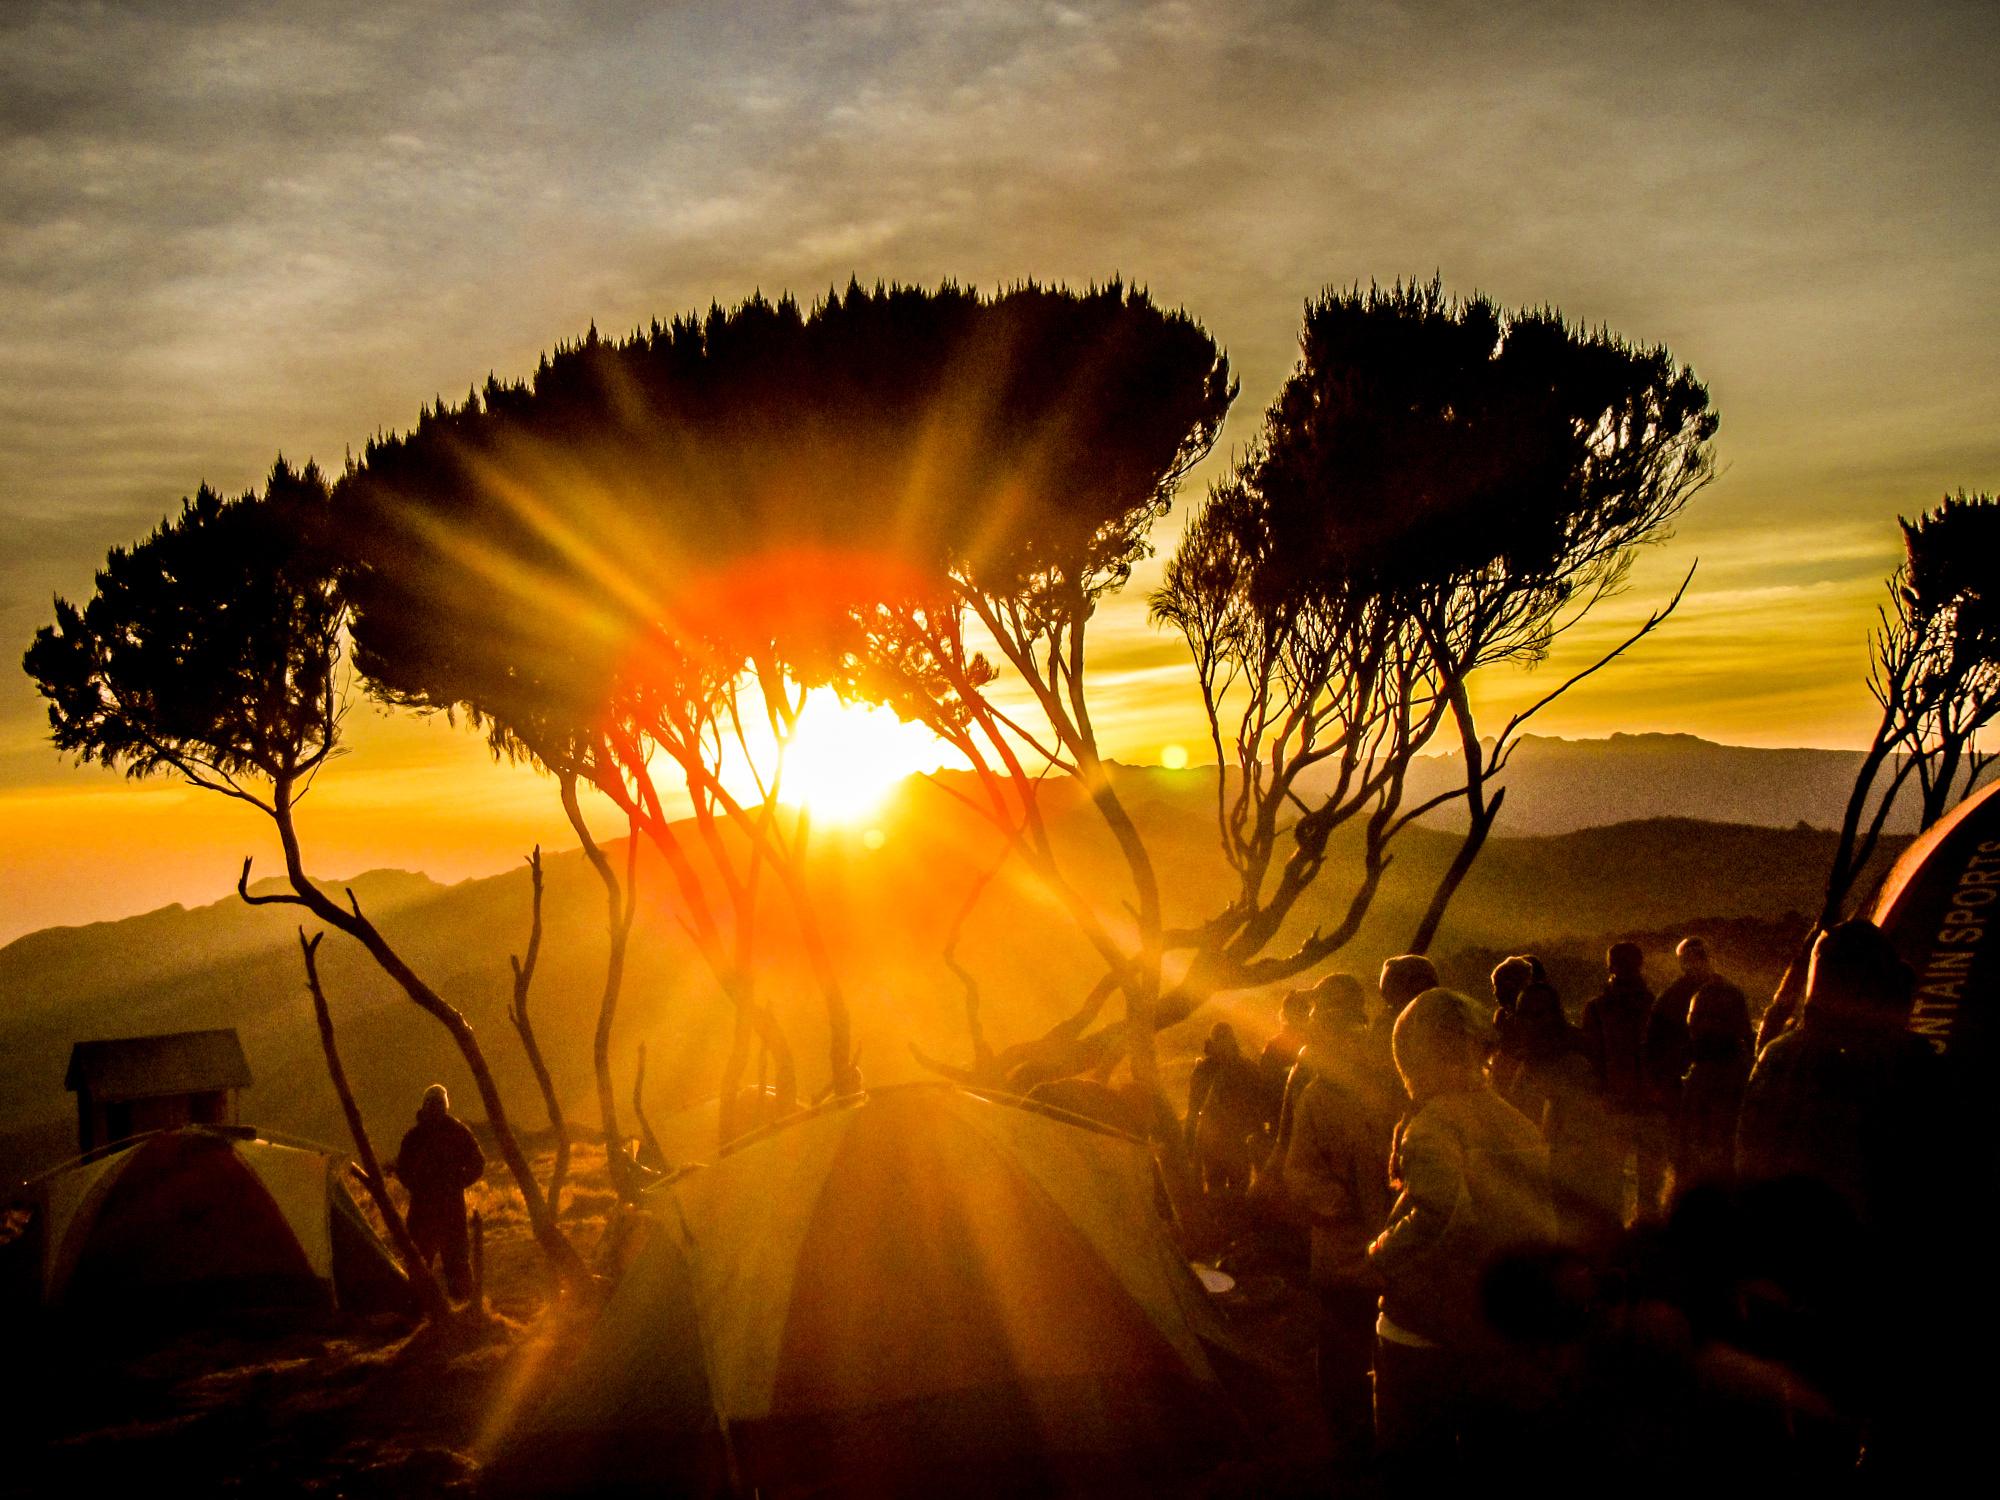 Sundown on Mount Kili